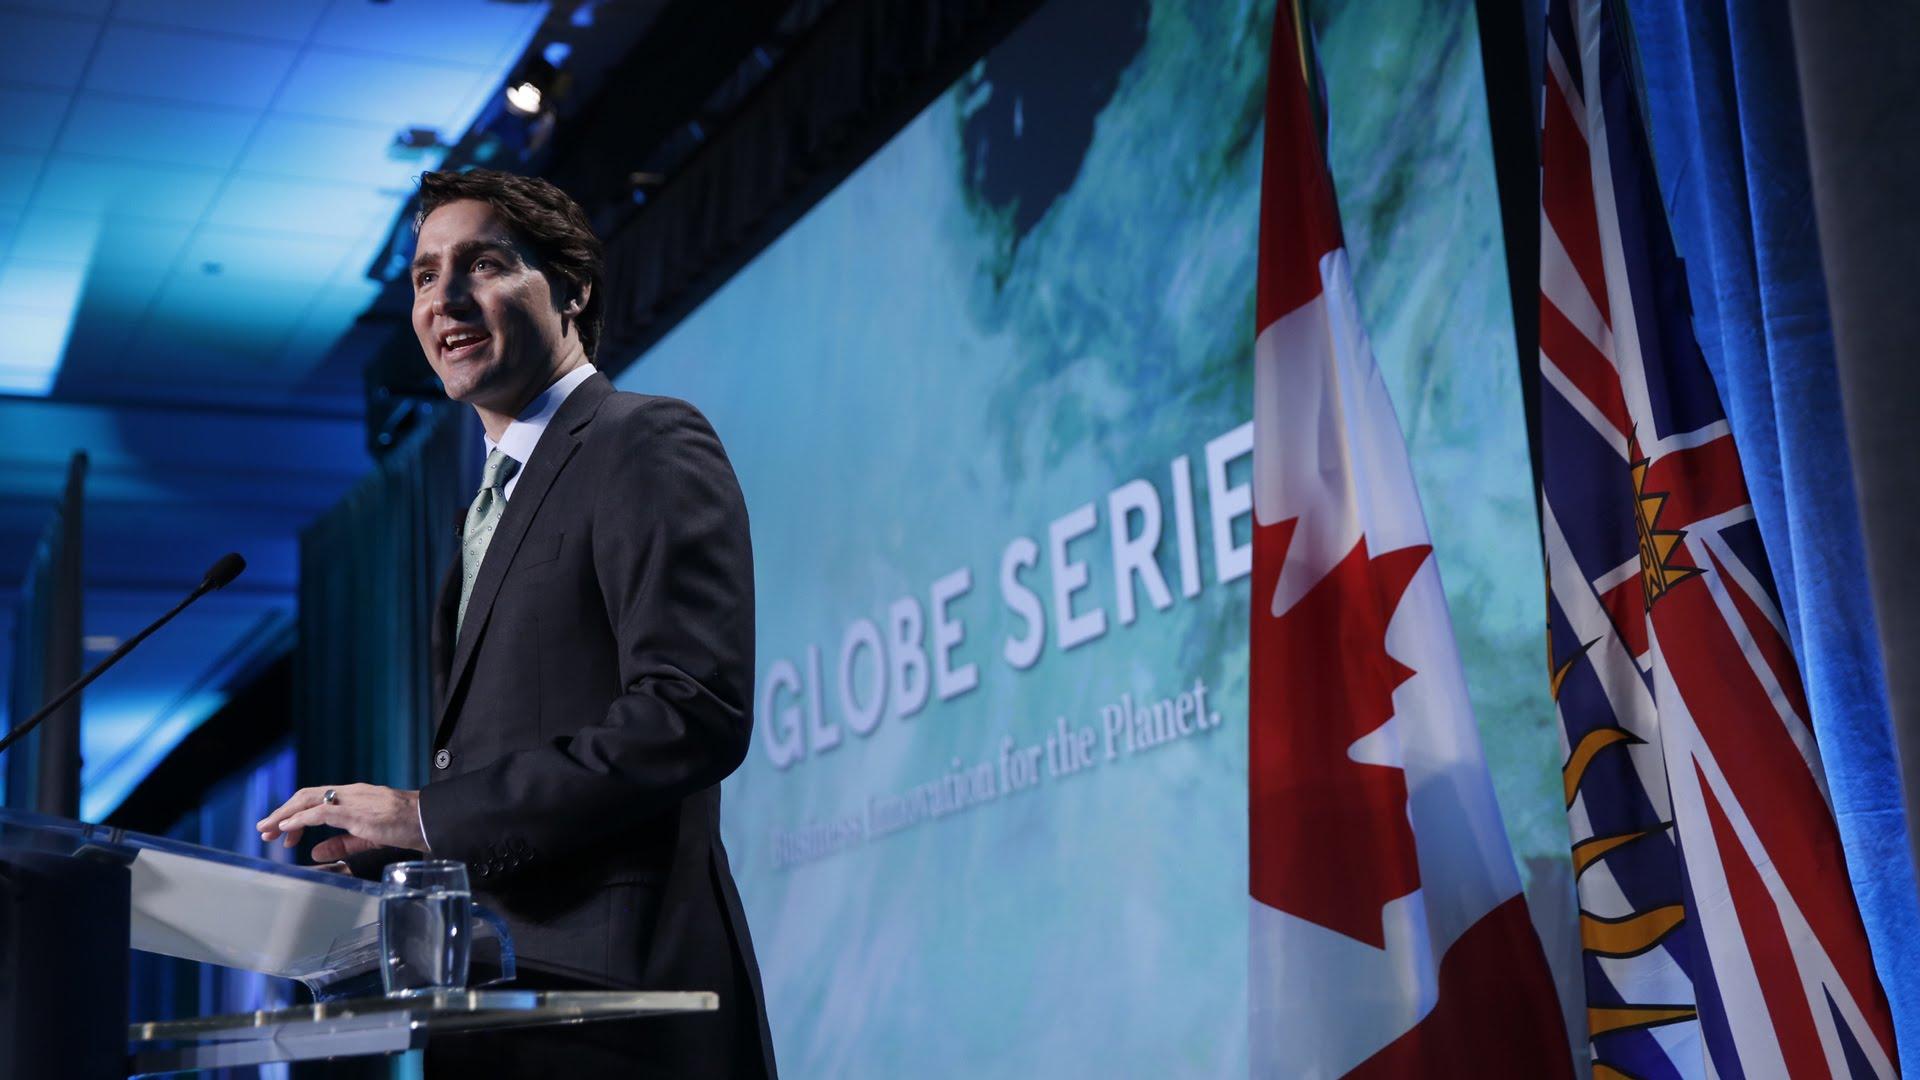 Trade show takeaways - PM Trudeau Globe 2016